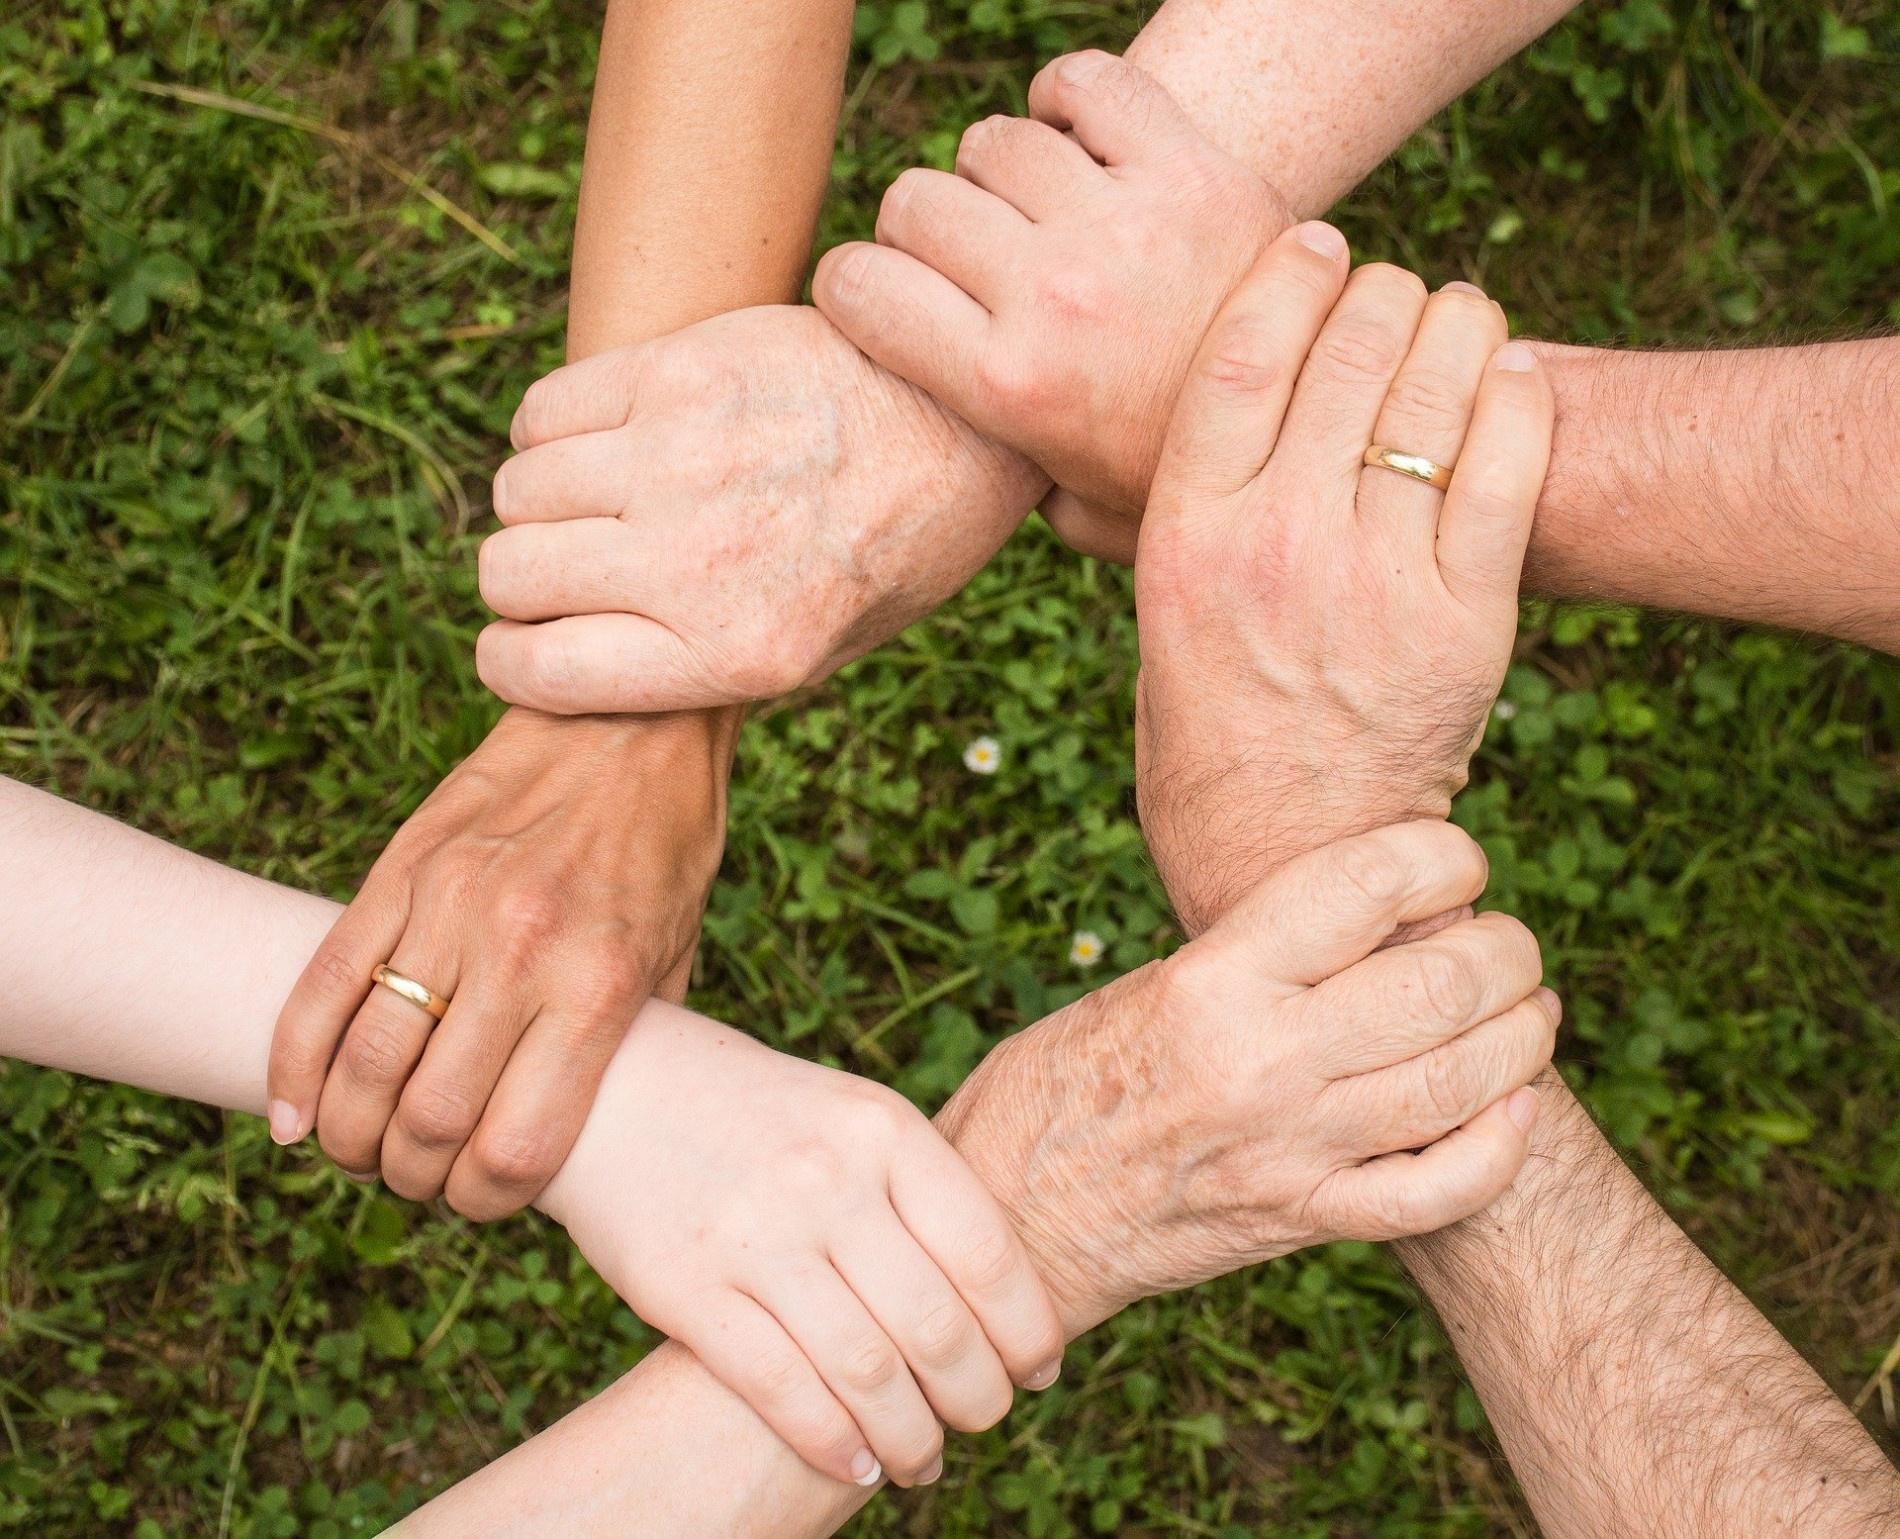 Le financement participatif pour maintenir l'autonomie des seniors